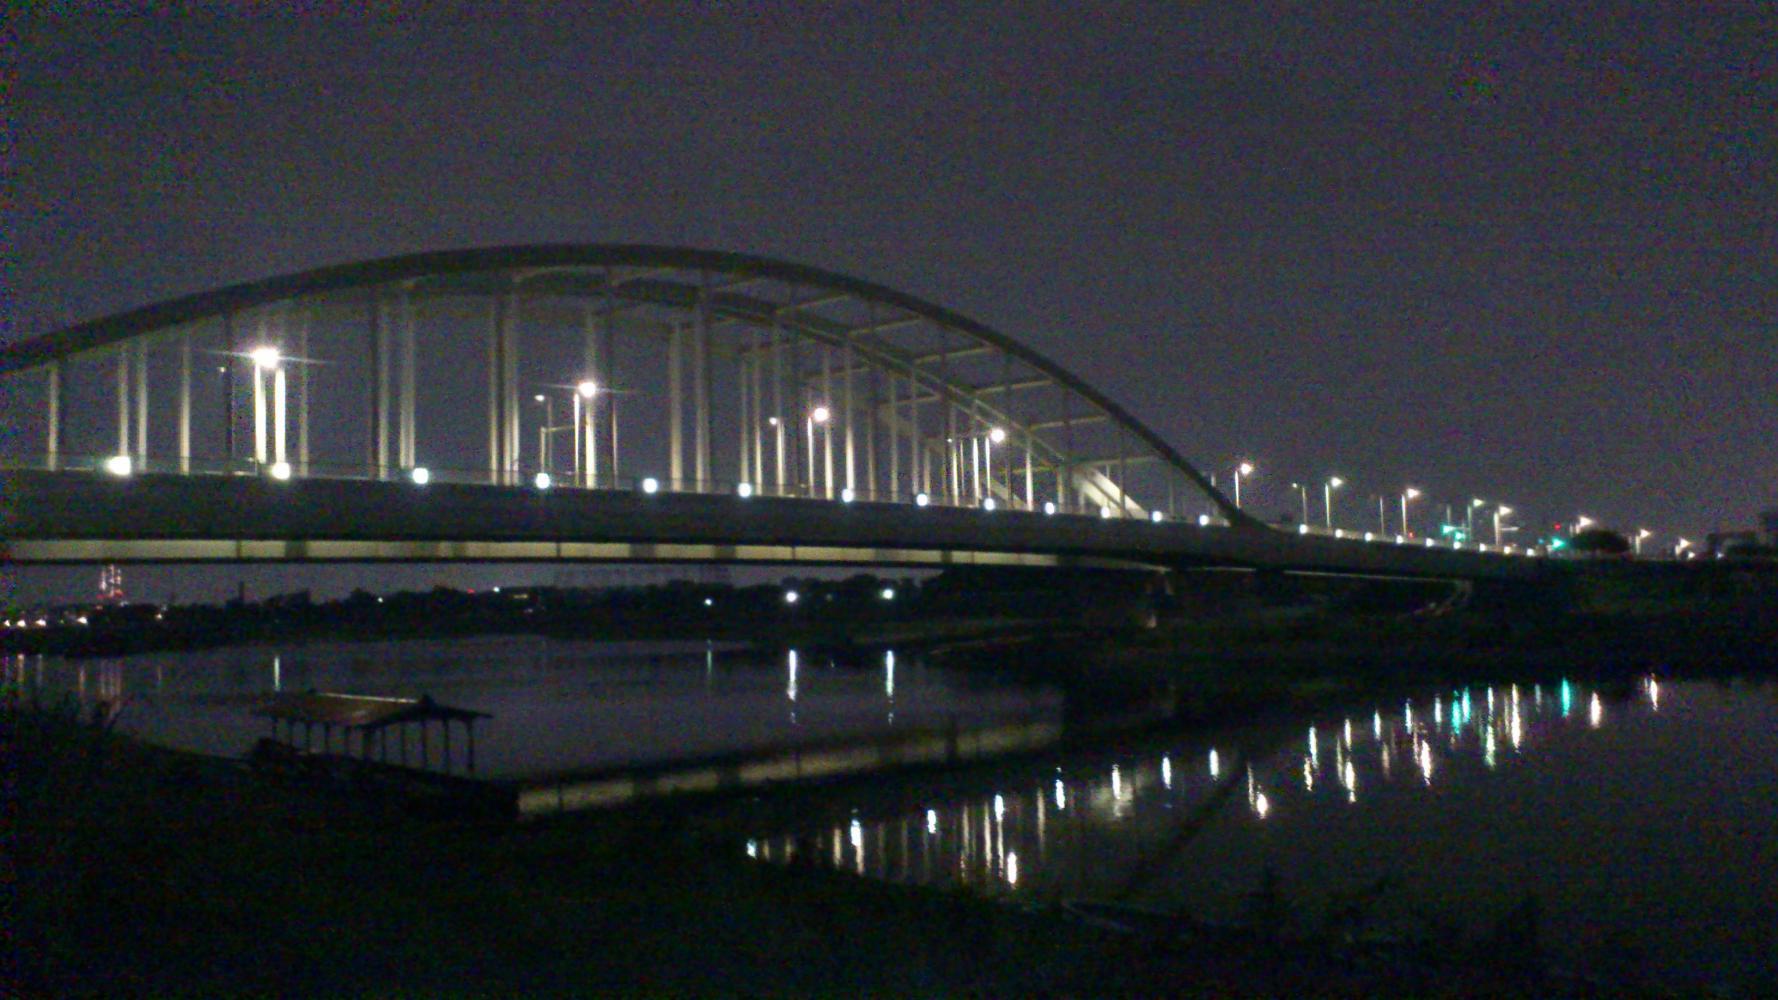 多摩水道橋_鏡面2_-_コピー.JPG